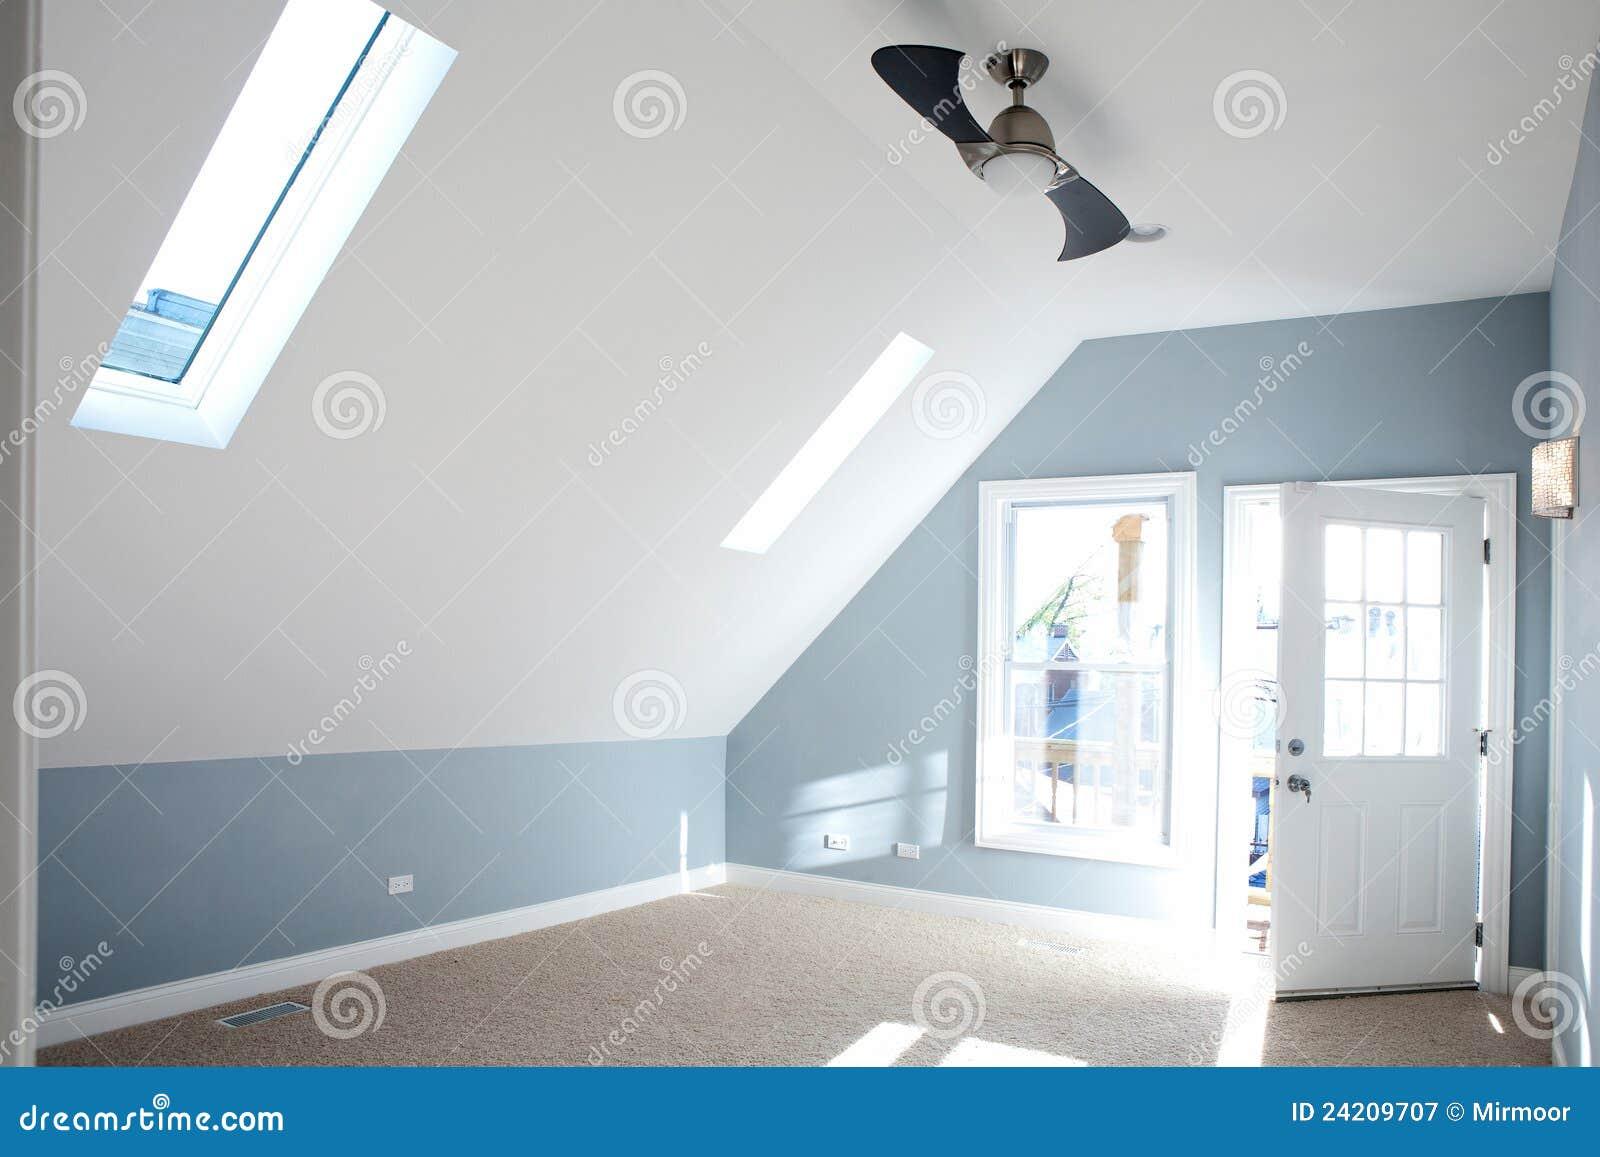 Moderne lege slaapkamer met blauwe muurkleur. royalty vrije stock ...